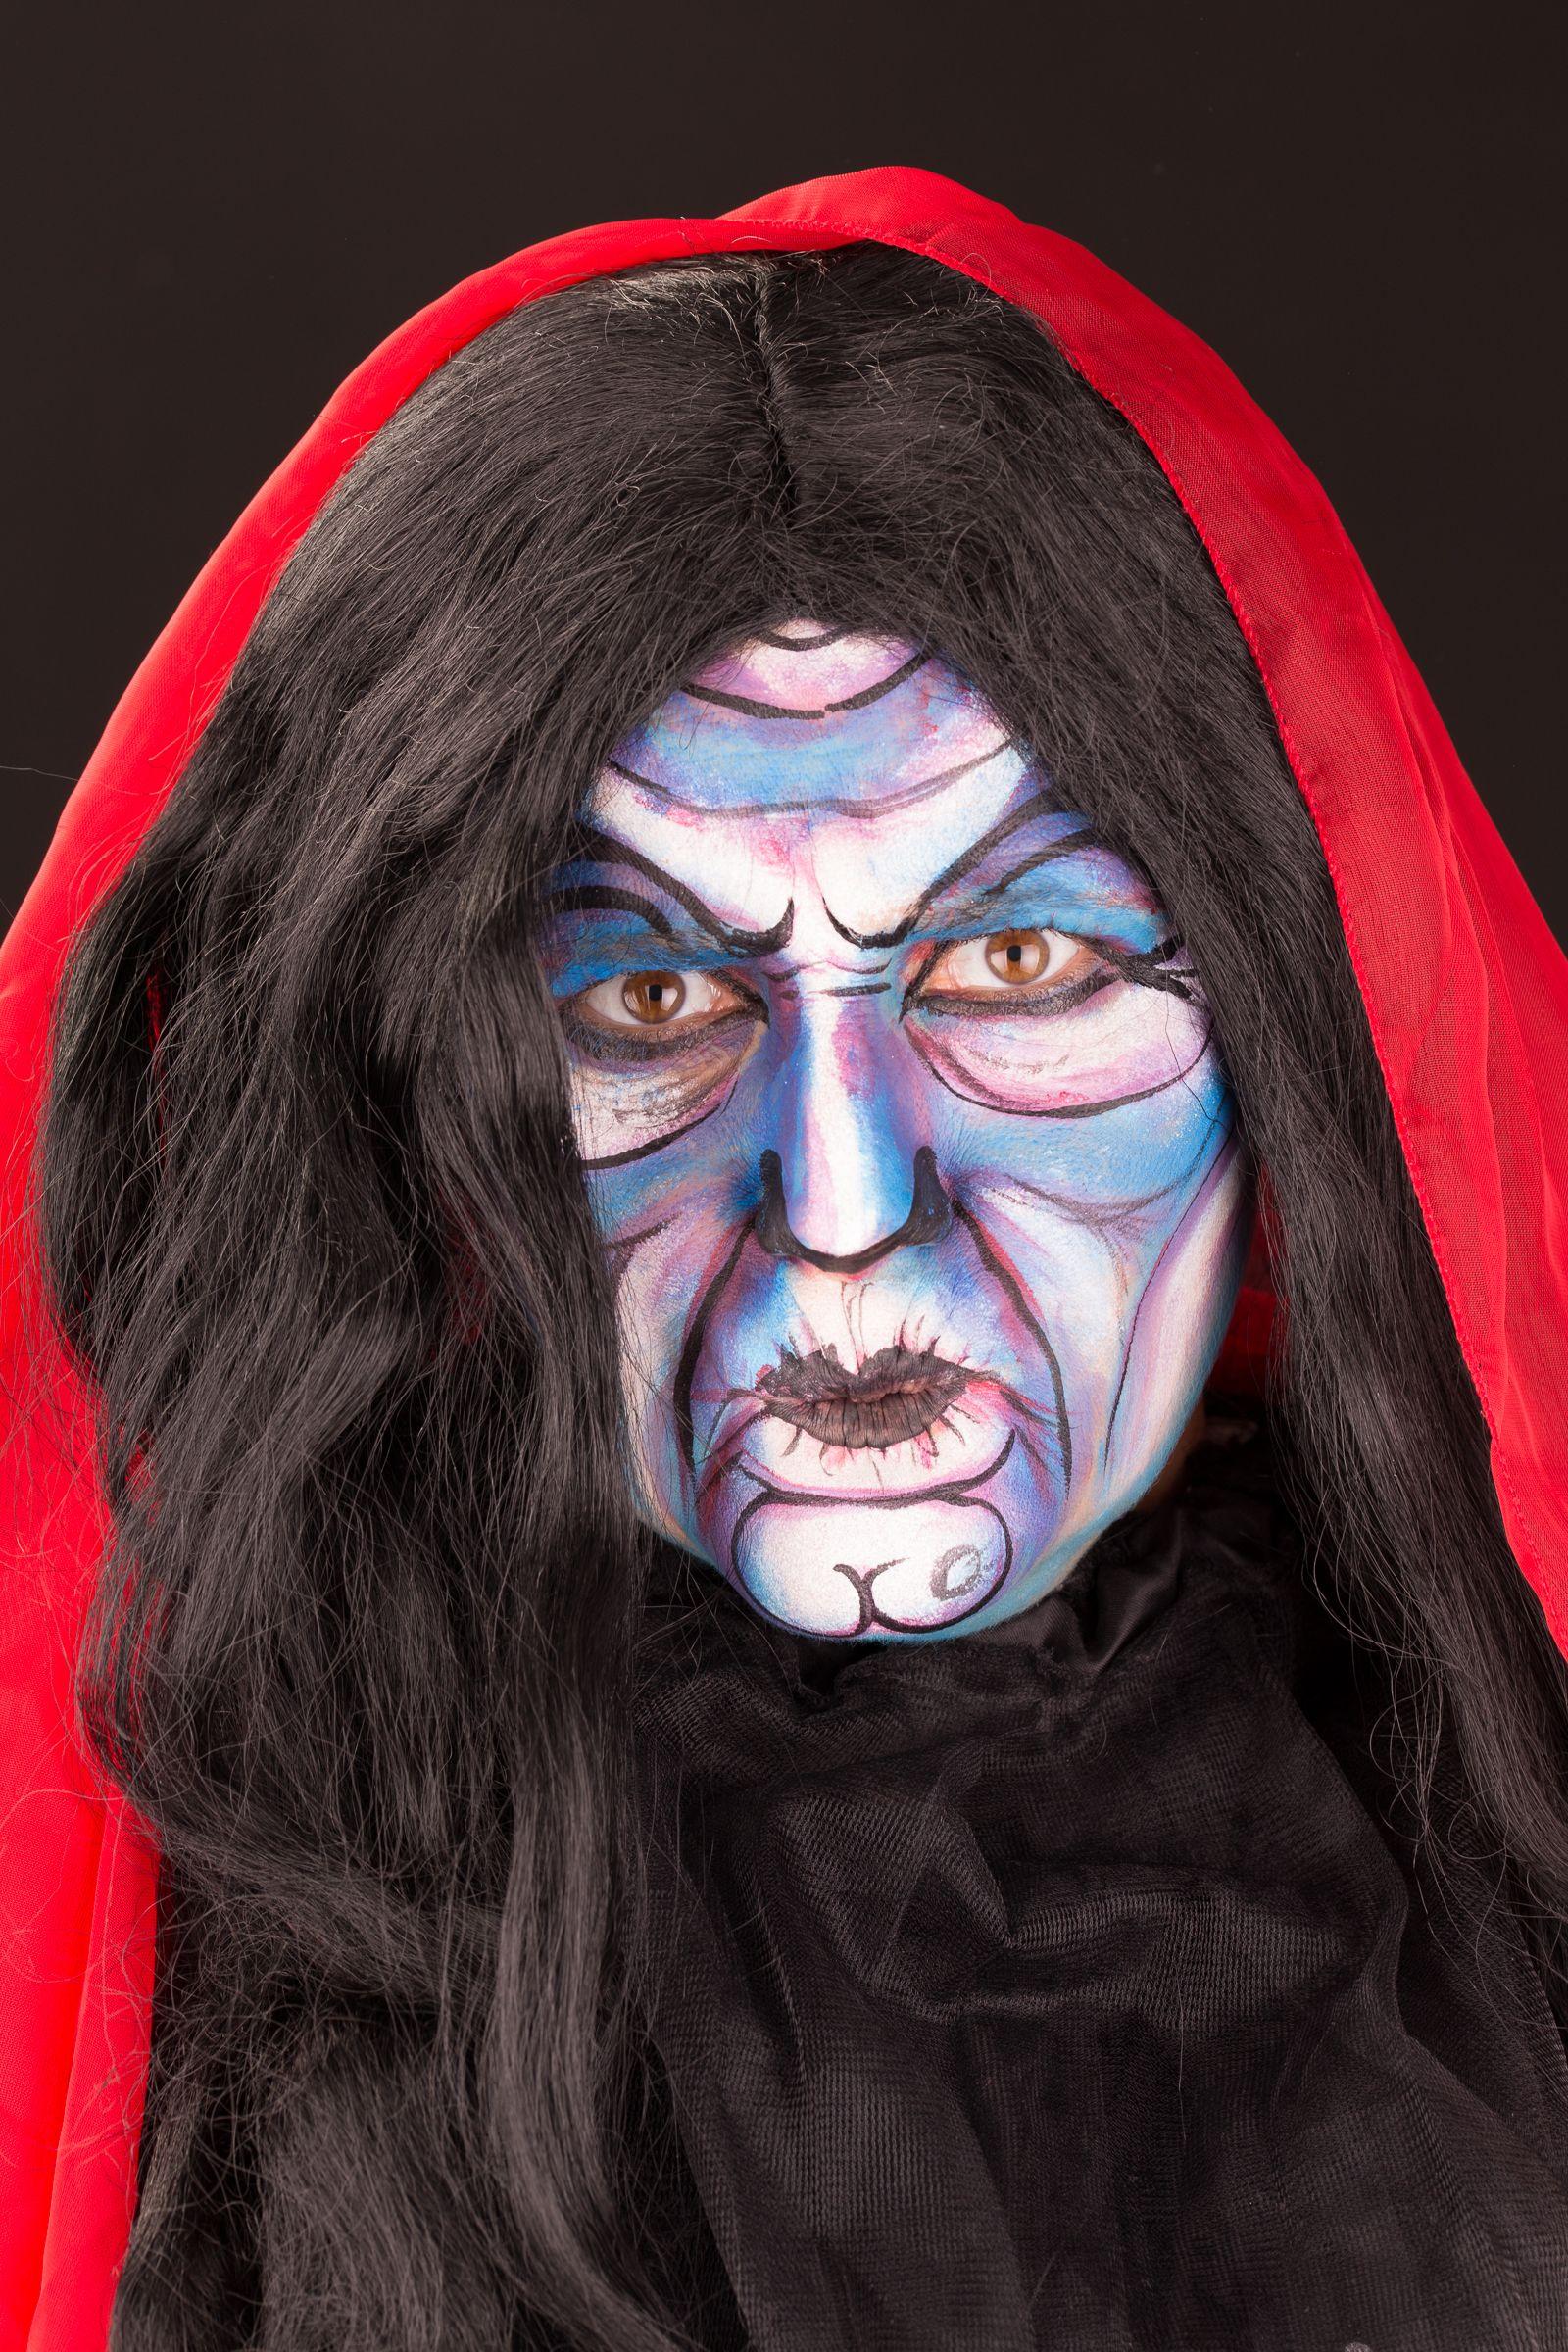 Halloween Se Acerca 1 Maketupcom Grimas Maquillaje Profesional - Maquillaje-profesional-halloween